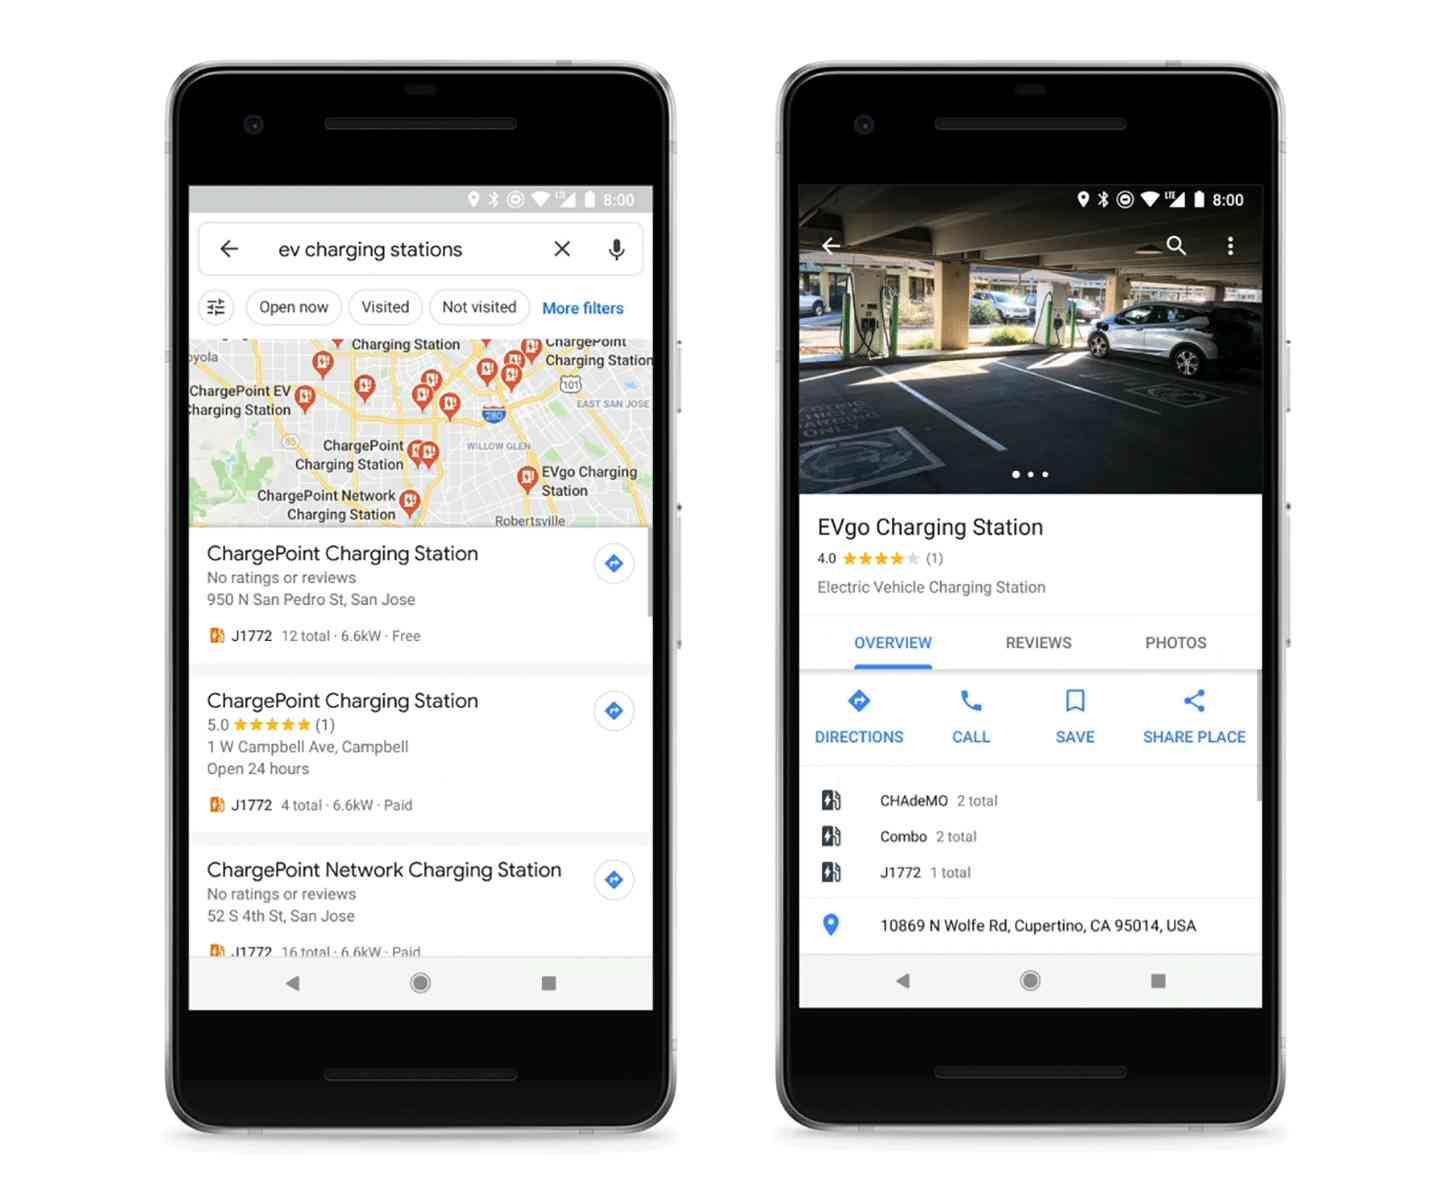 Google Maps EV charging station info